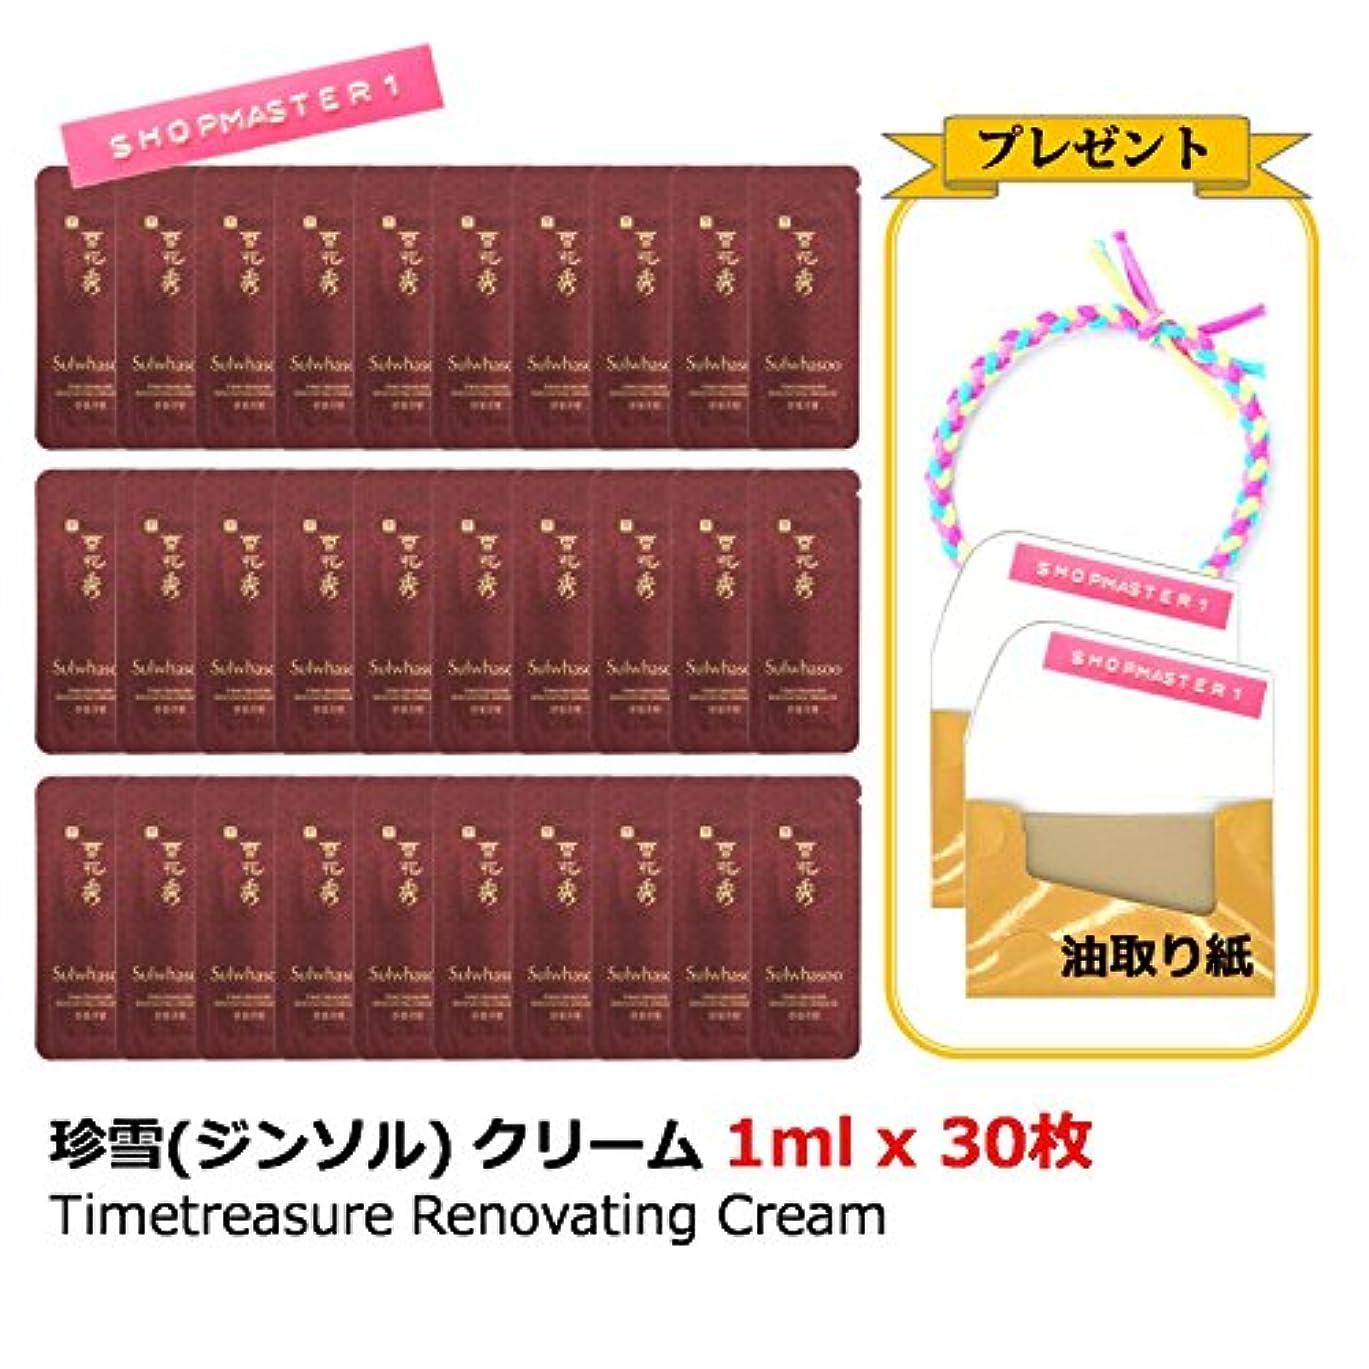 レバー欲しいです稼ぐ【Sulwhasoo ソルファス】珍雪(ジンソル) クリーム 1ml x 30枚 Timetreasure Renovating Cream/プレゼント 油取り紙 2個(30枚ずつ)、ヘアタイ/海外直配送